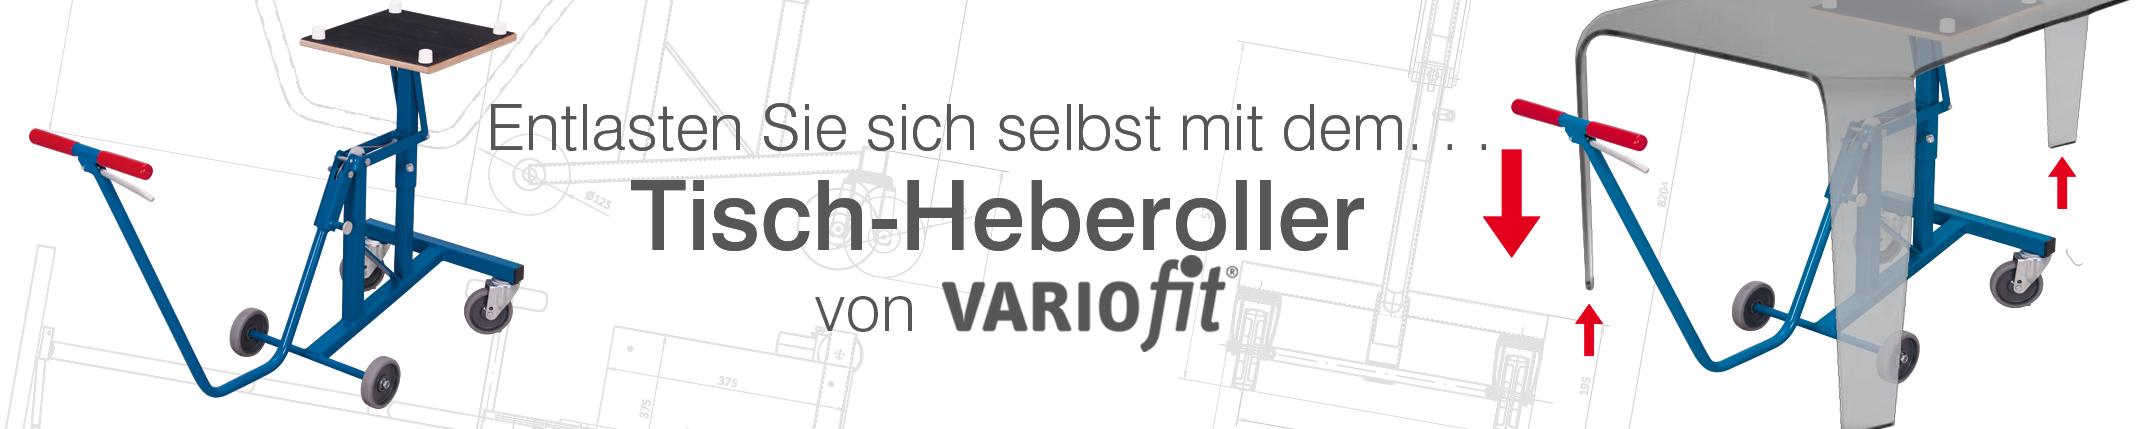 Tisch-Heberoller-de